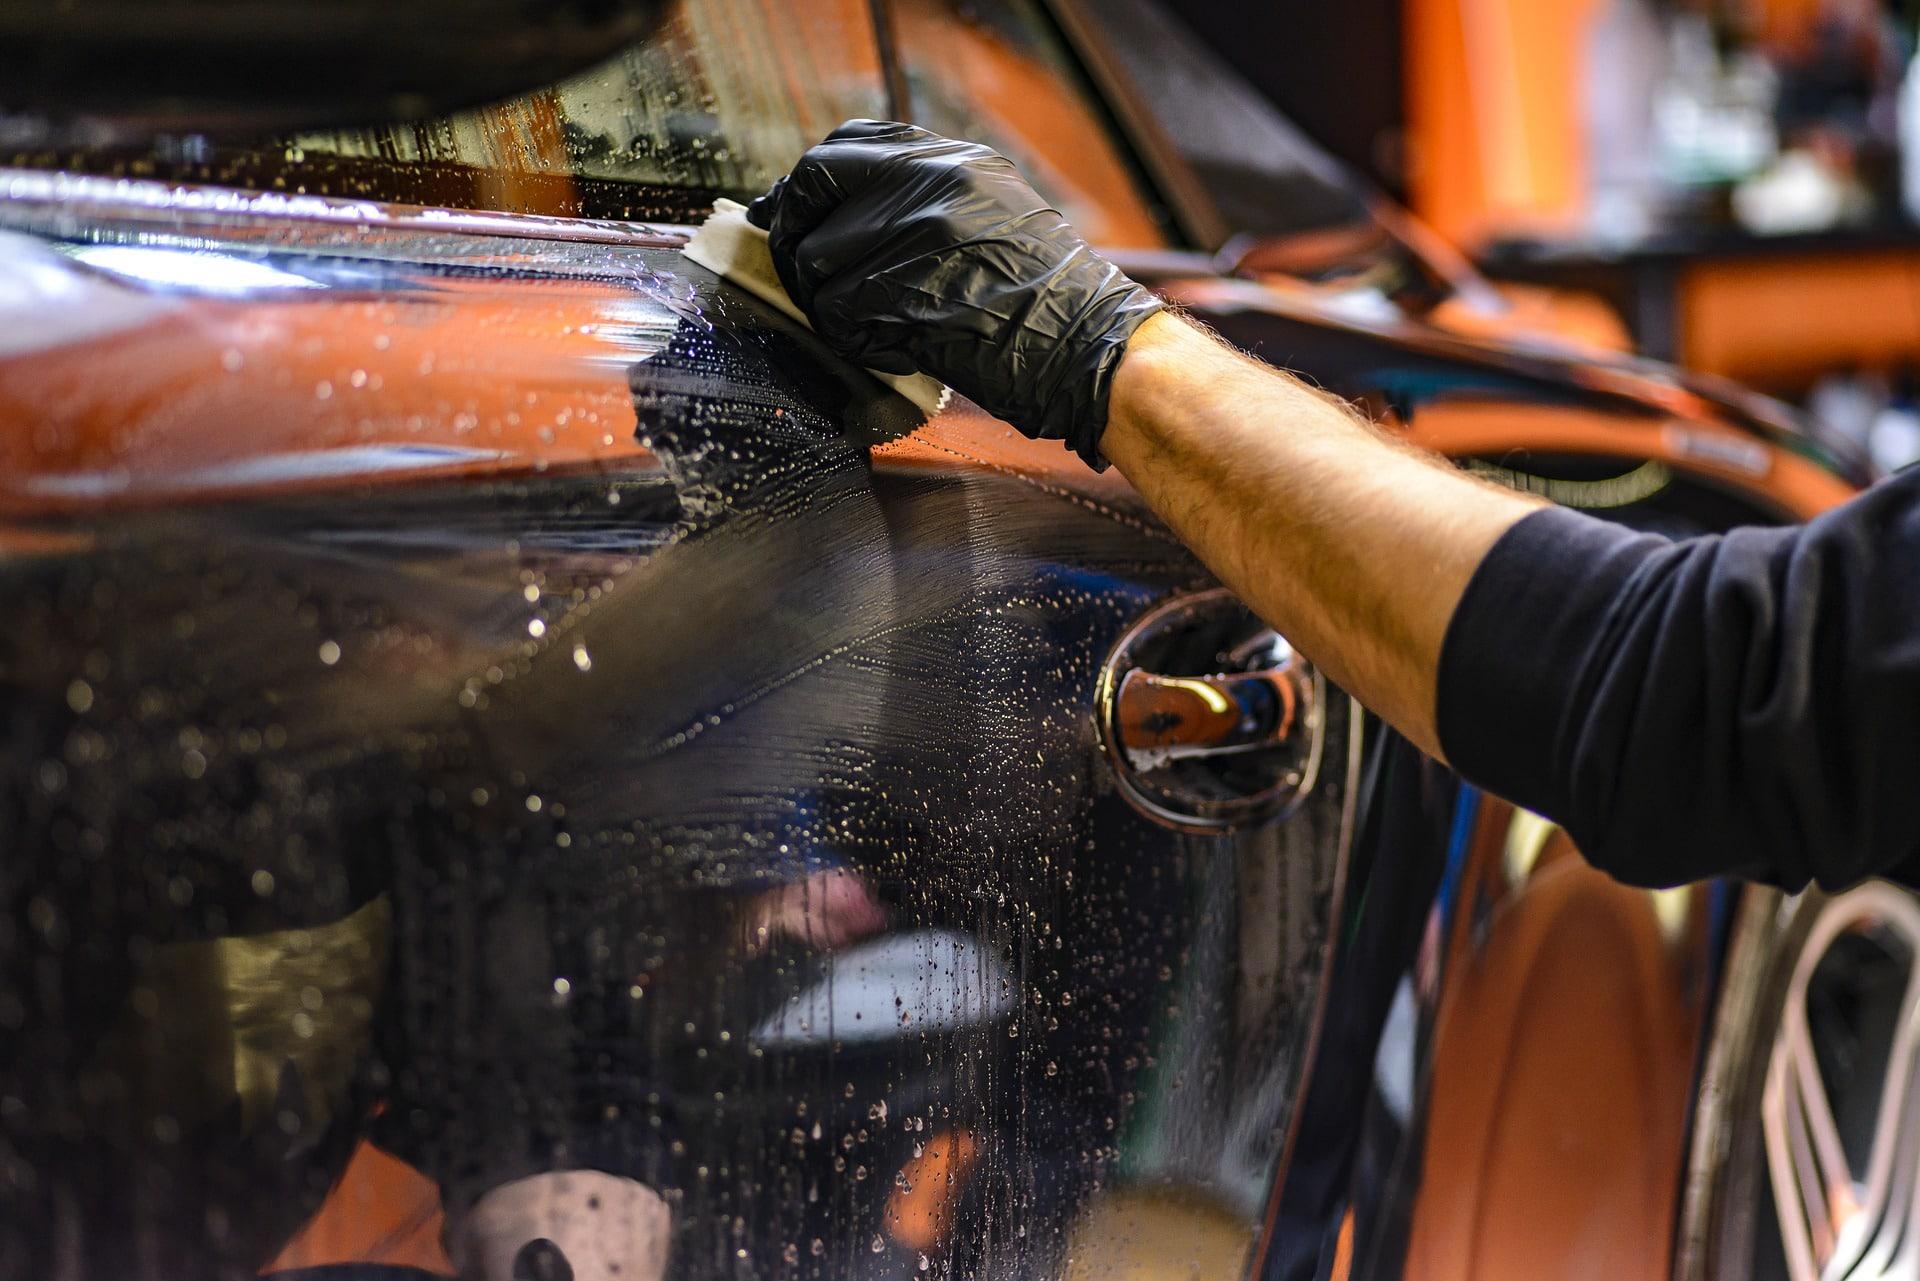 Homme qui nettoie une voiture avec une éponge